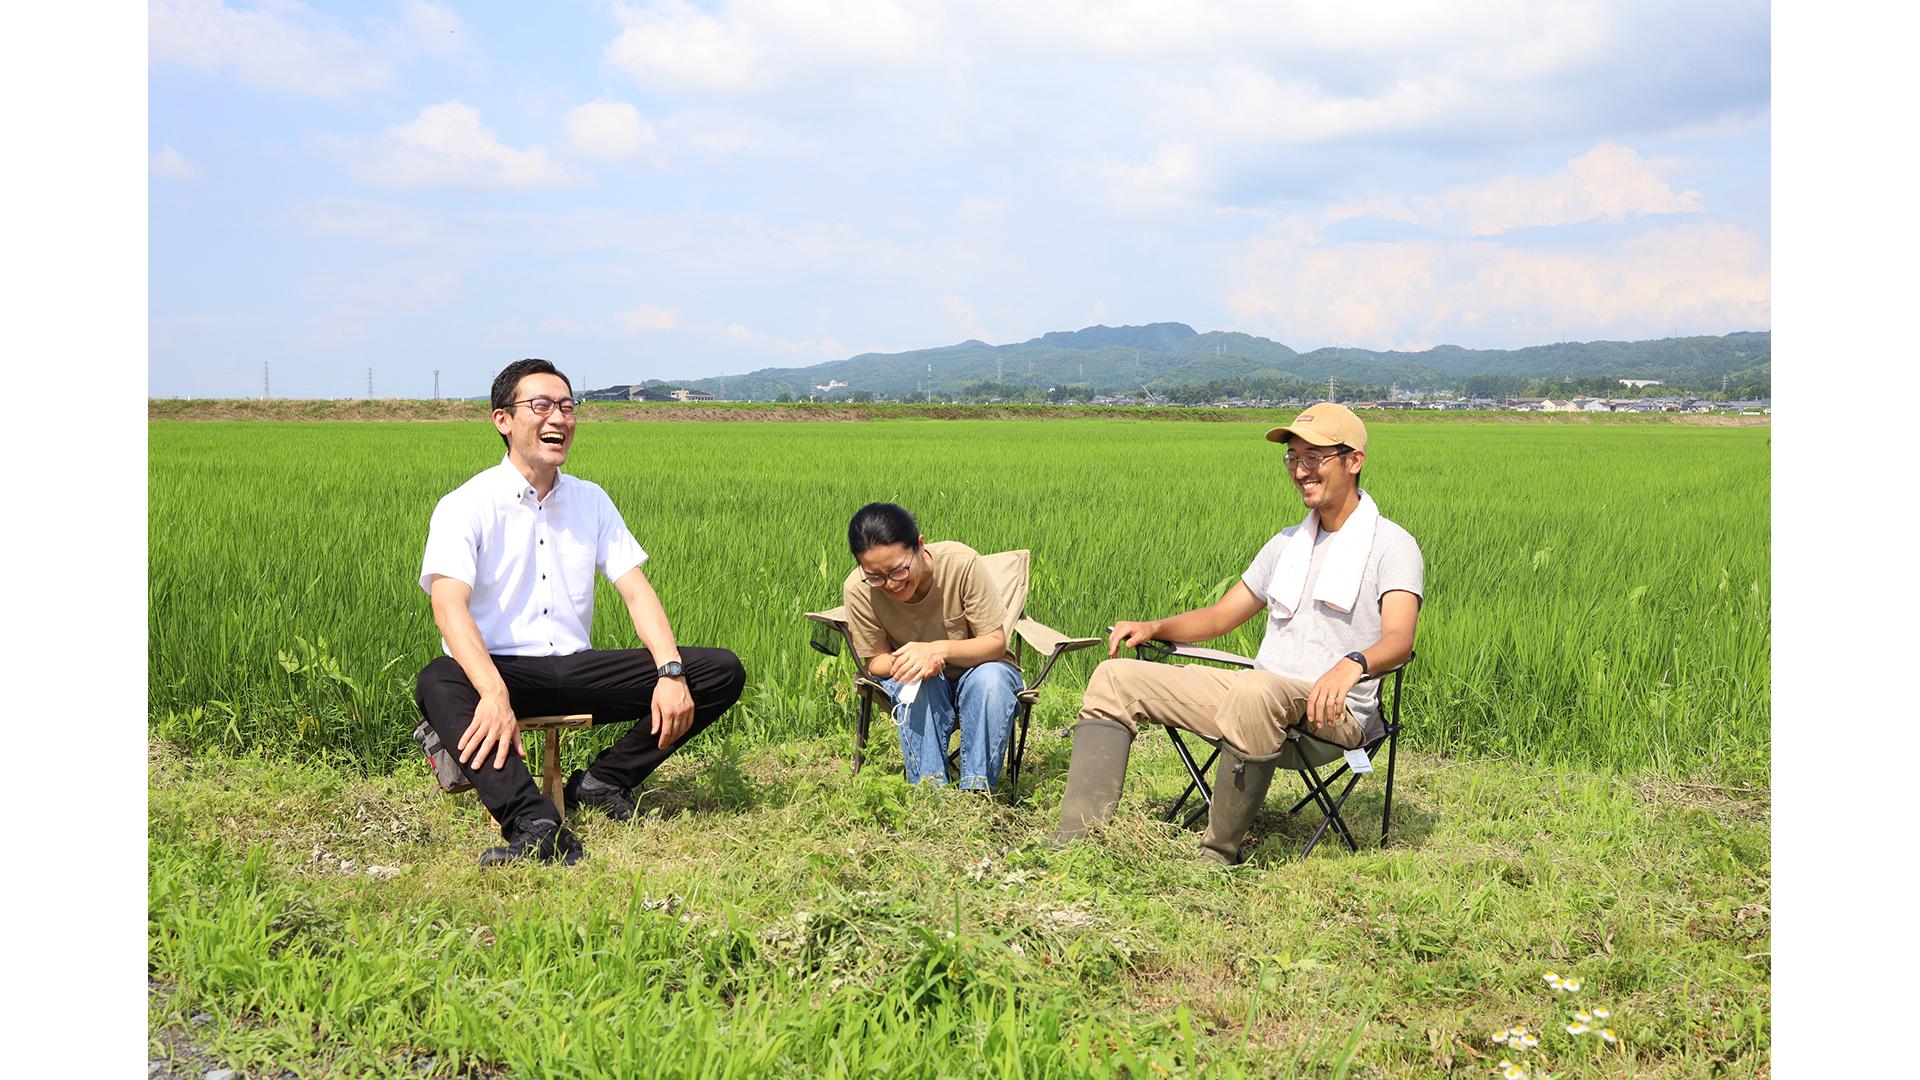 農業って超クリエイティブな仕事なんですよ。